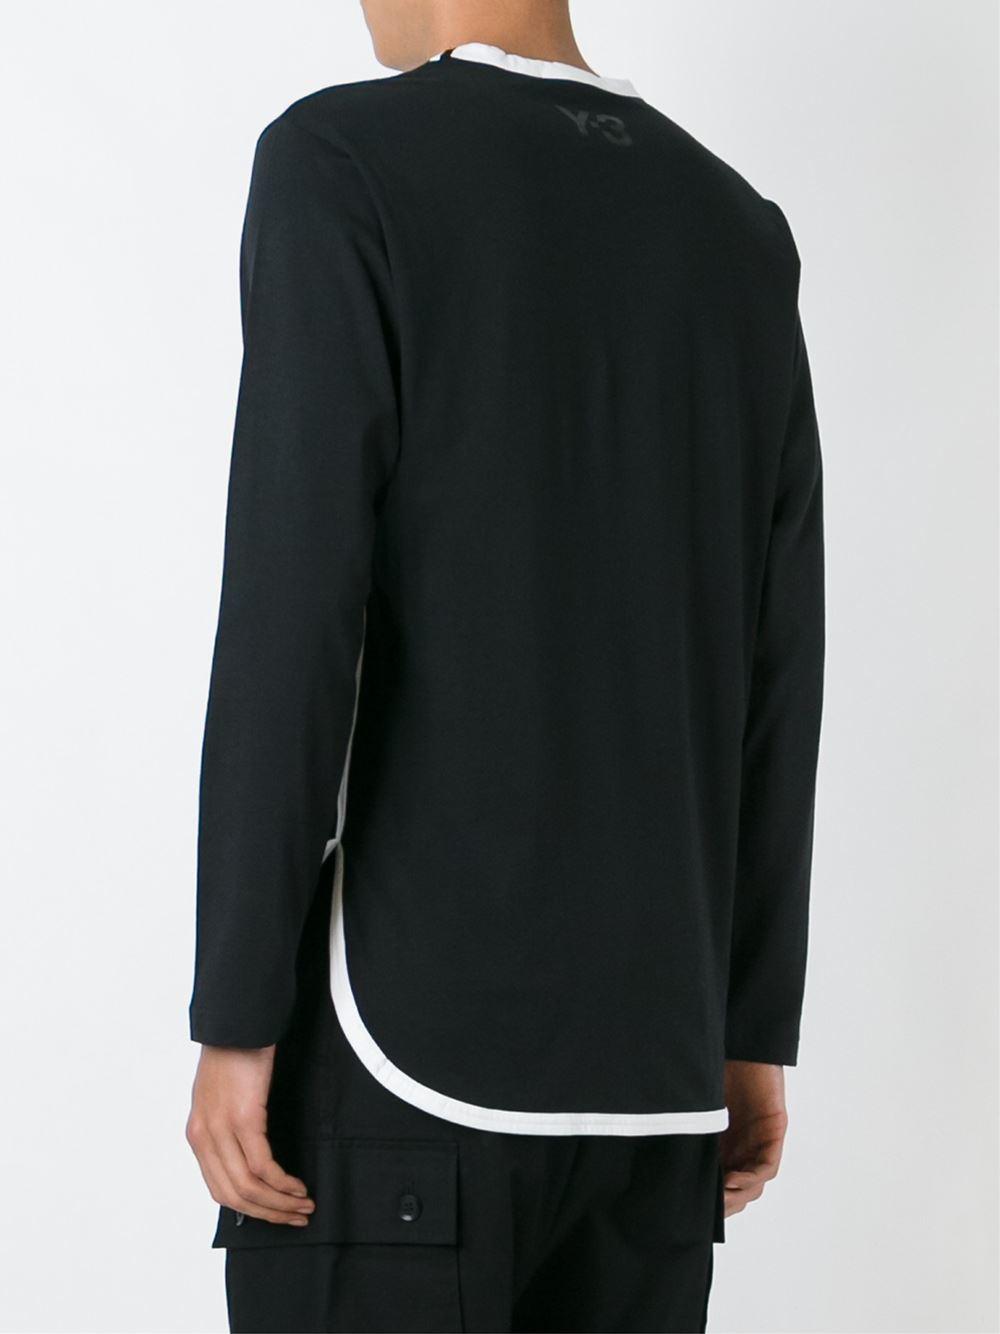 Y-3 Cotton Contrast Trim Sweatshirt in Black for Men